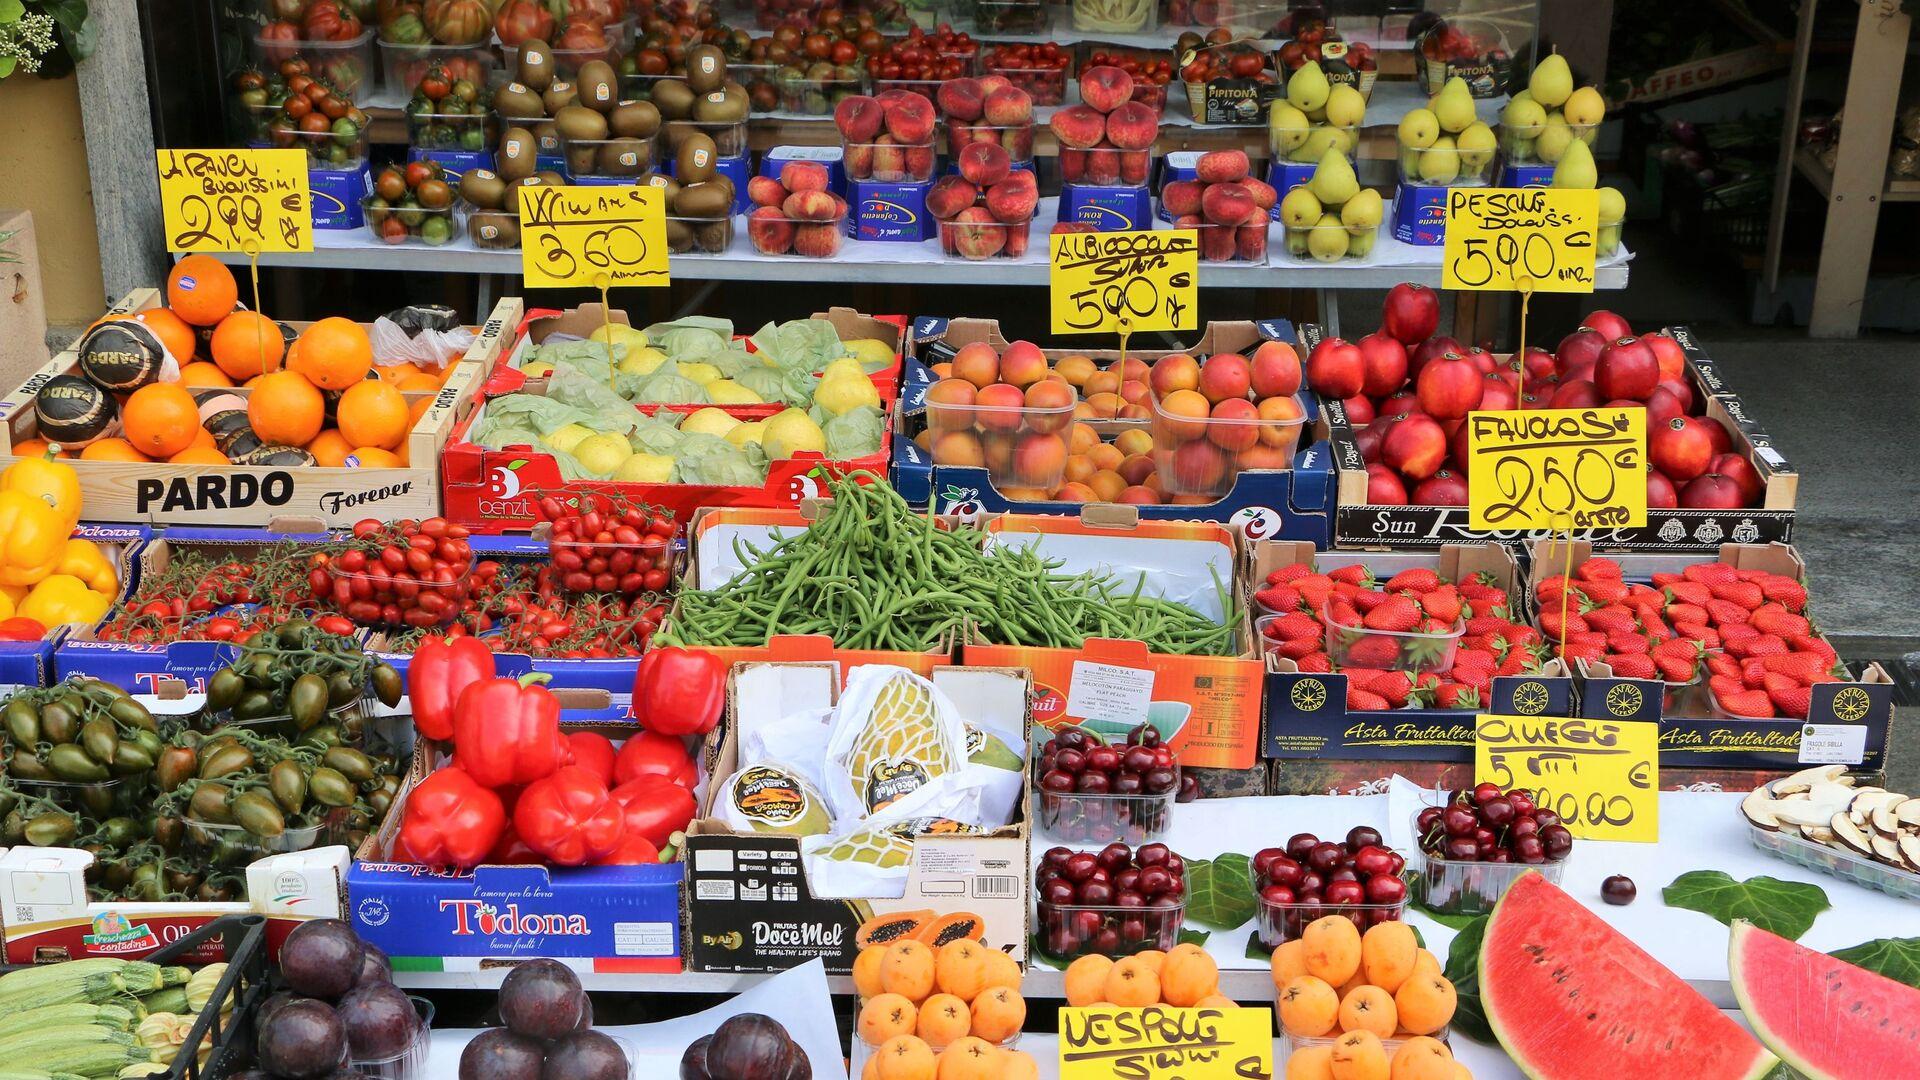 La verdura e la frutta in un negozio a Milano - Sputnik Italia, 1920, 16.09.2021